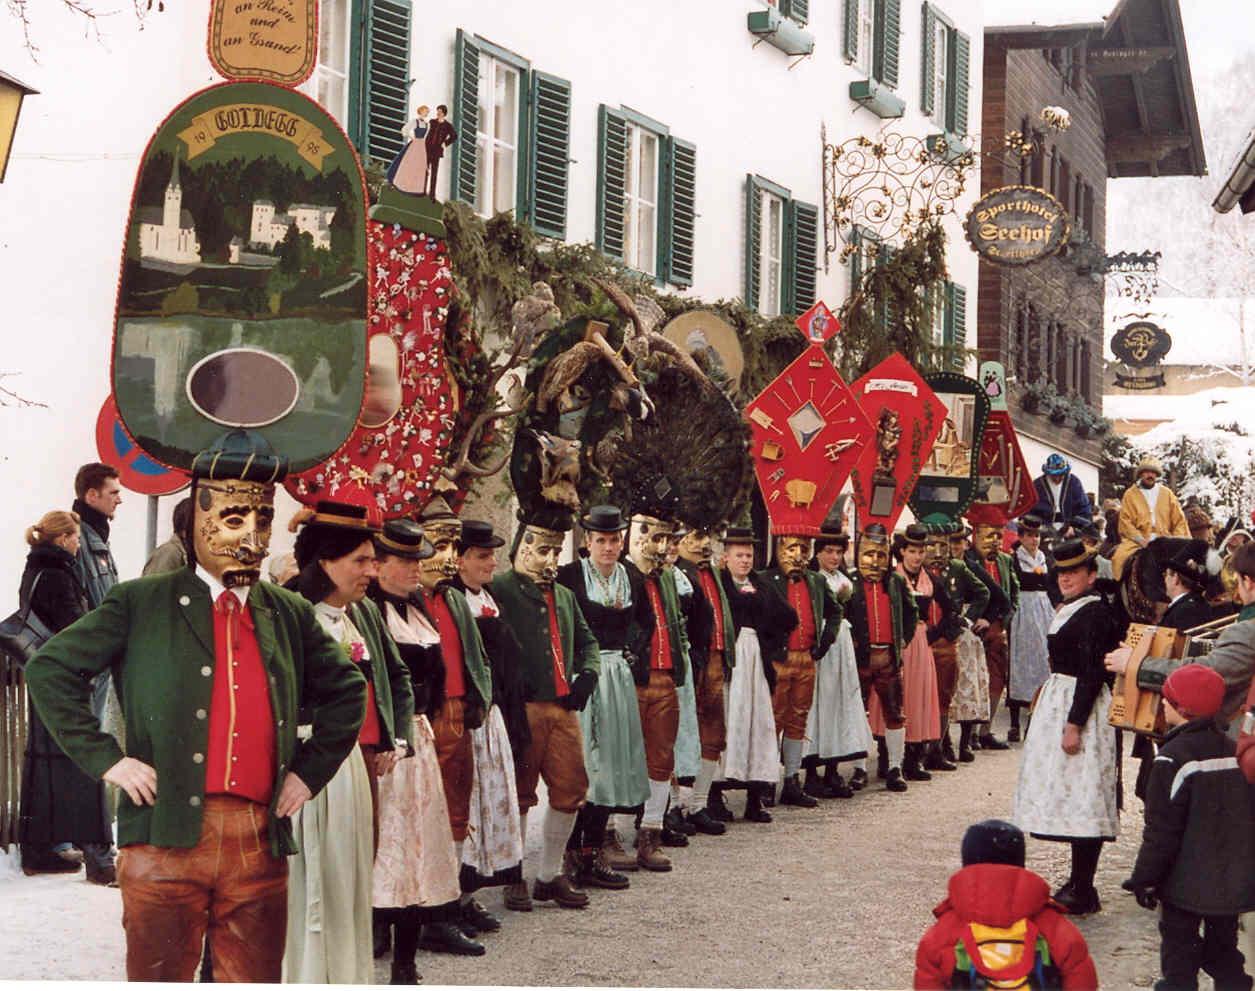 Альпийский карнавал Перчтен в Зальцбурге http://travelcalendar.ru/wp-content/uploads/2015/11/Schonperchten_Umzug.jpg